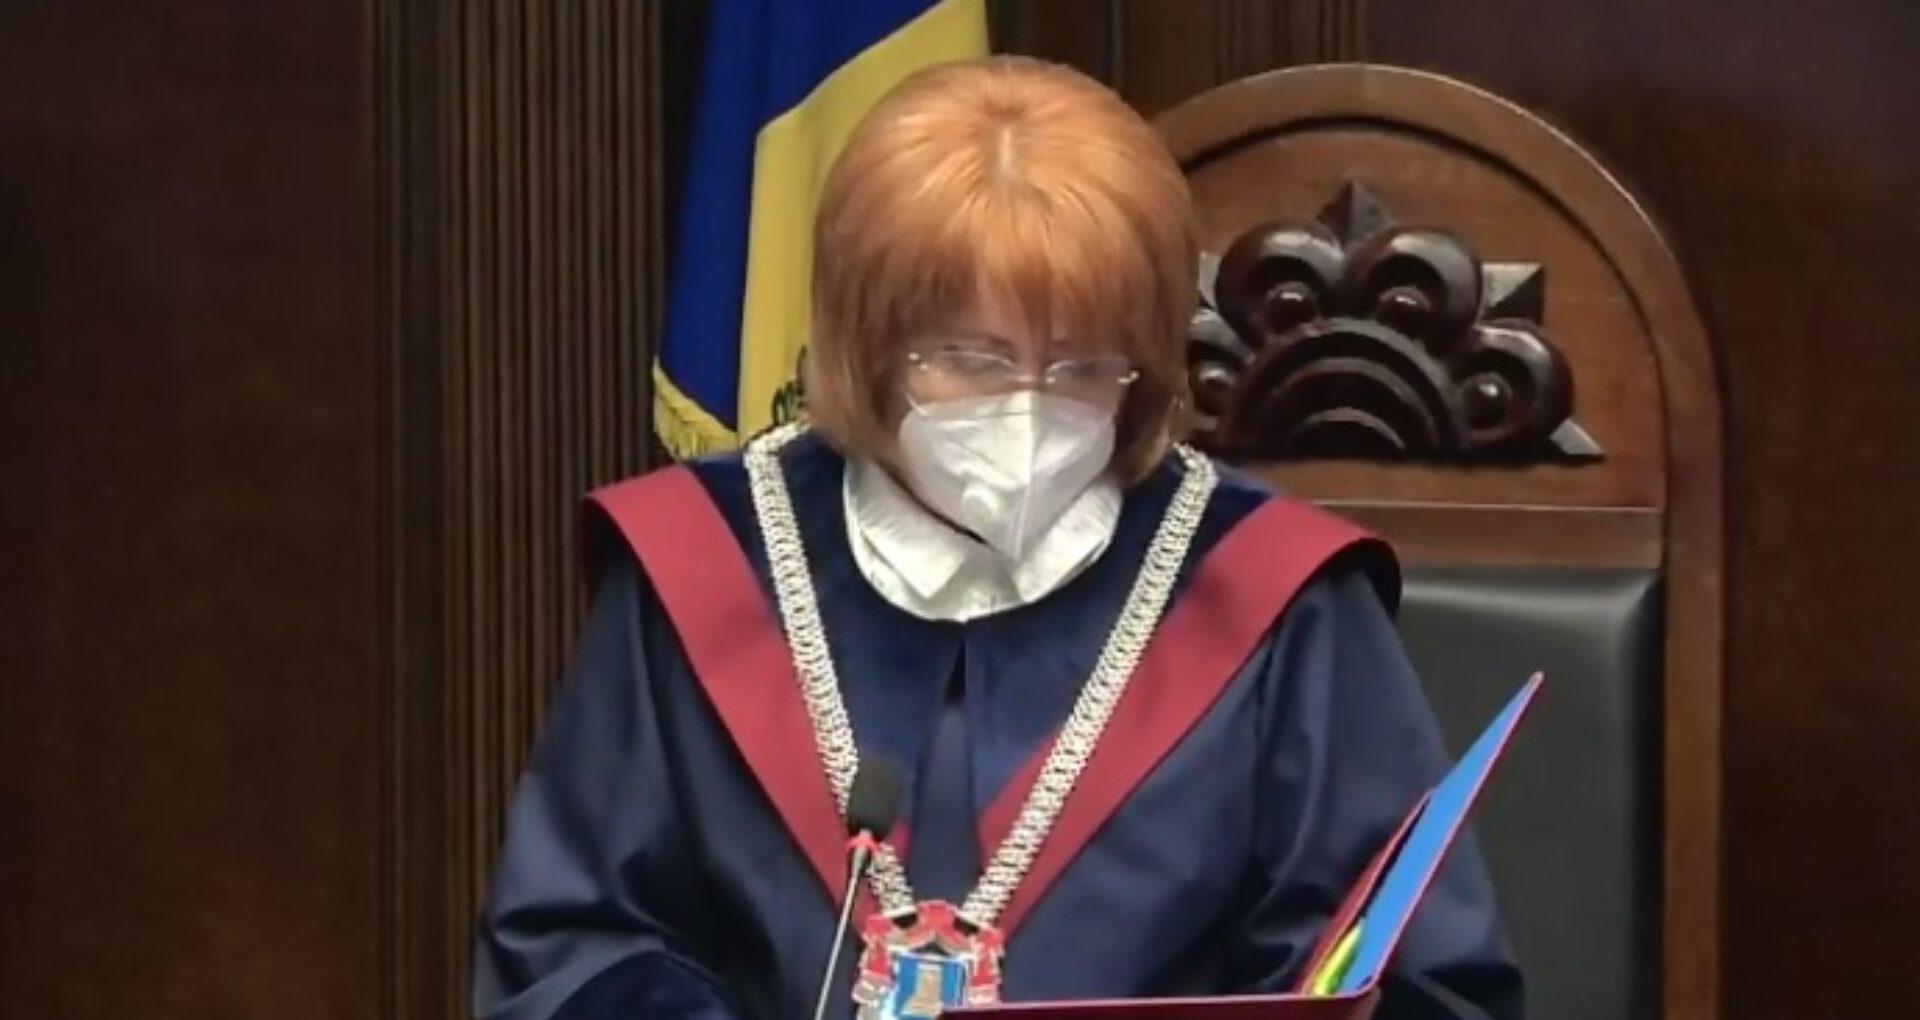 ULTIMA ORĂ! Curtea Constituțională a R. Moldova: art. 76 prim aliniat 1, în baza căruia au fost date amenzi în perioada stării de urgență, neconstituțional